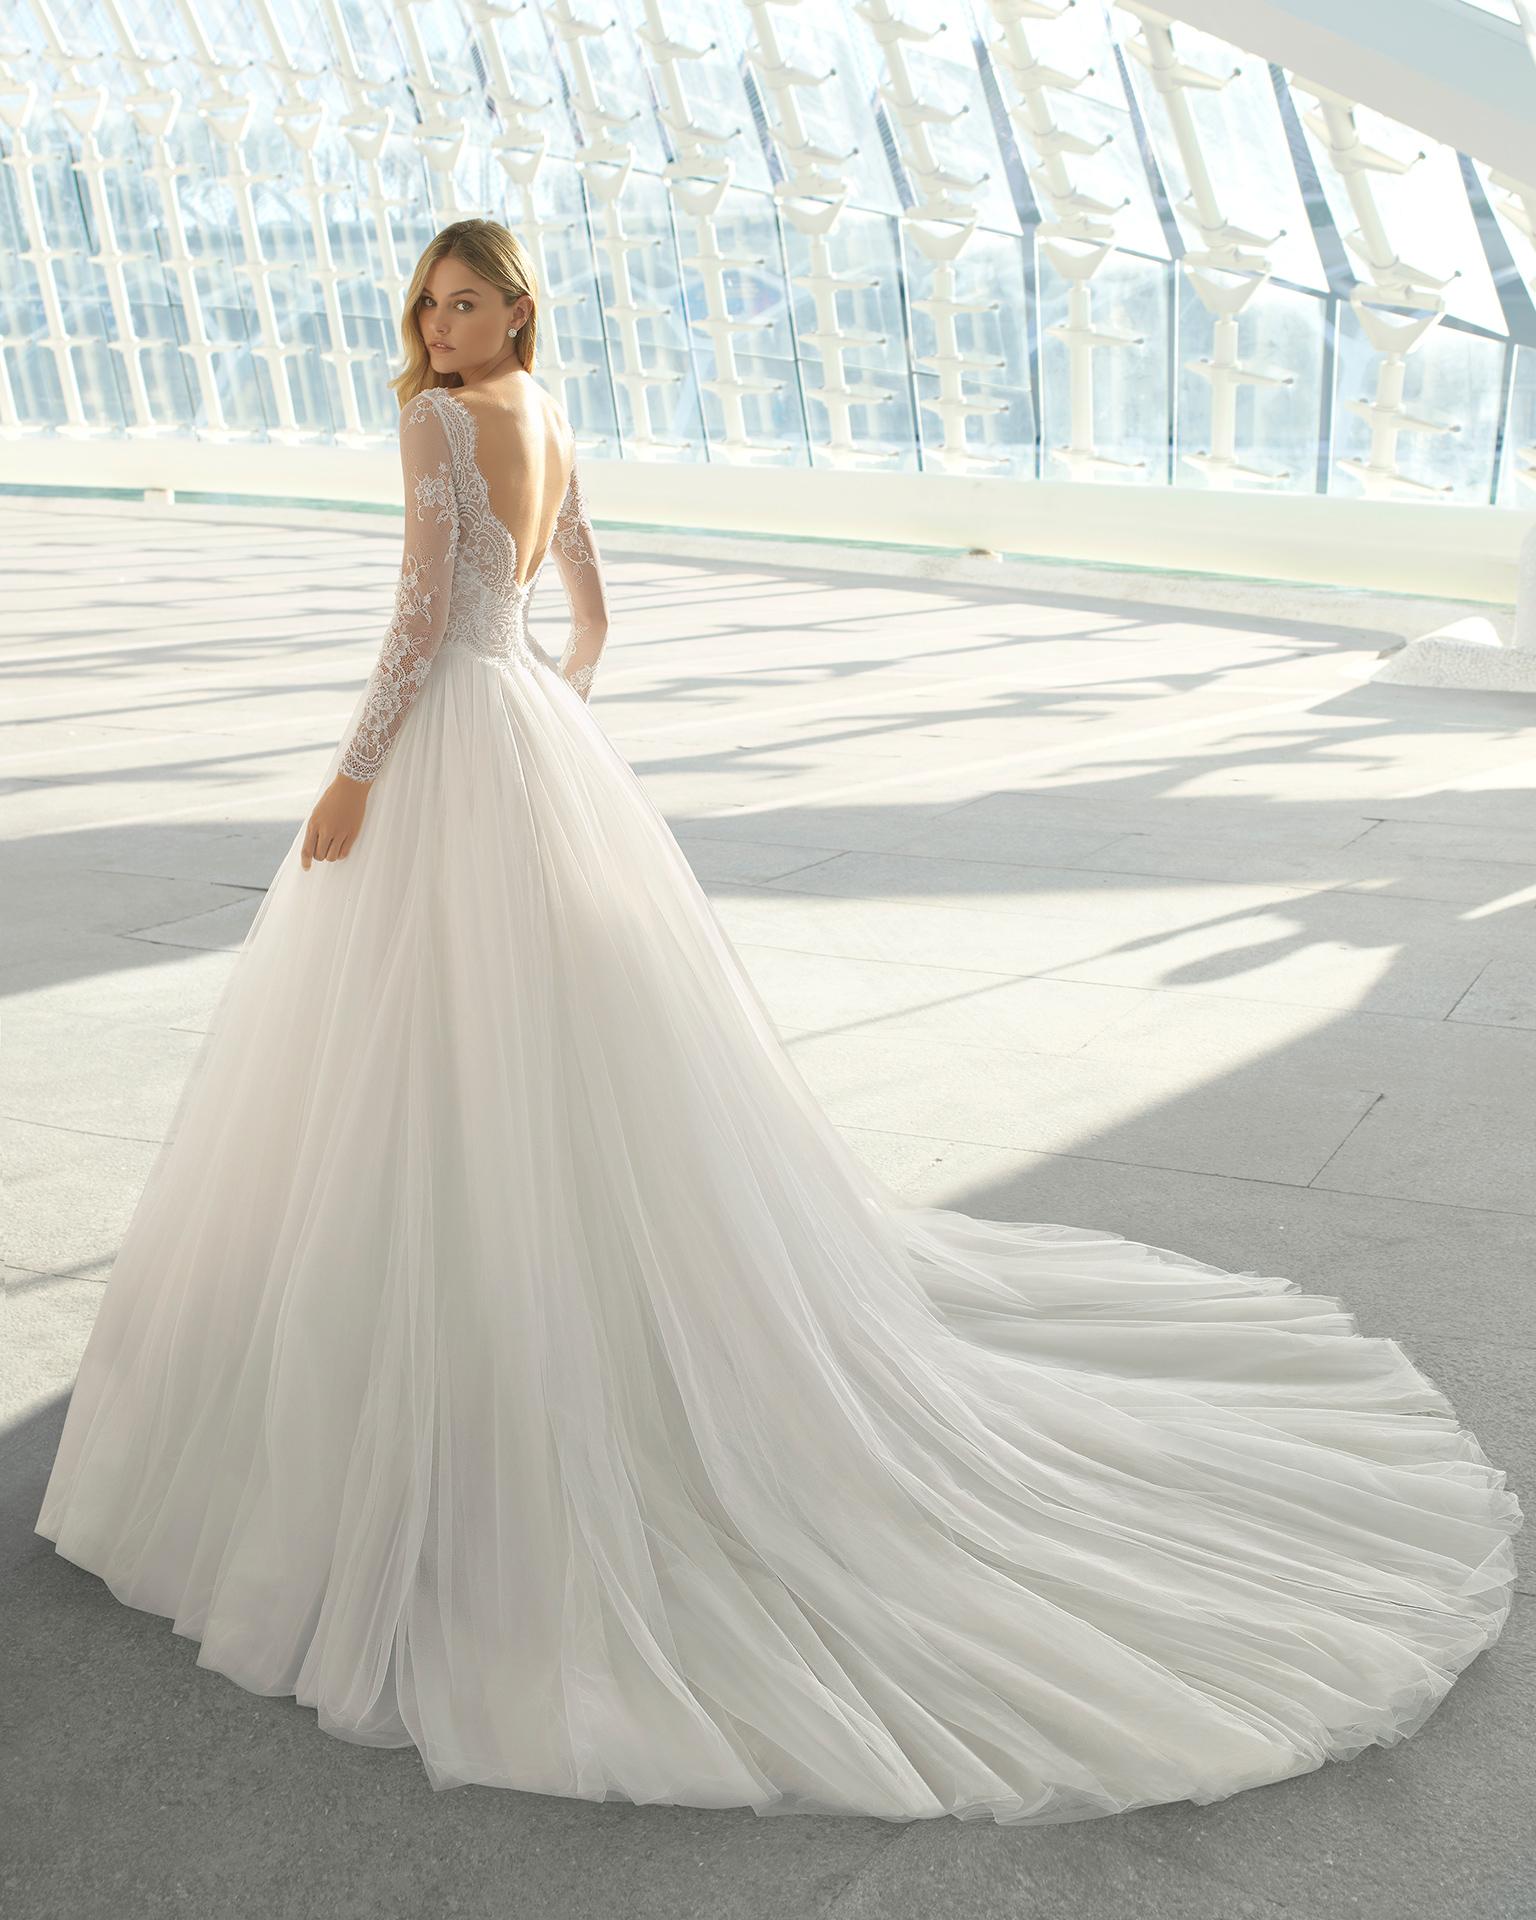 Brautkleid Brautmode Hochzeitskleid Hochzeitsblume Gifhorn